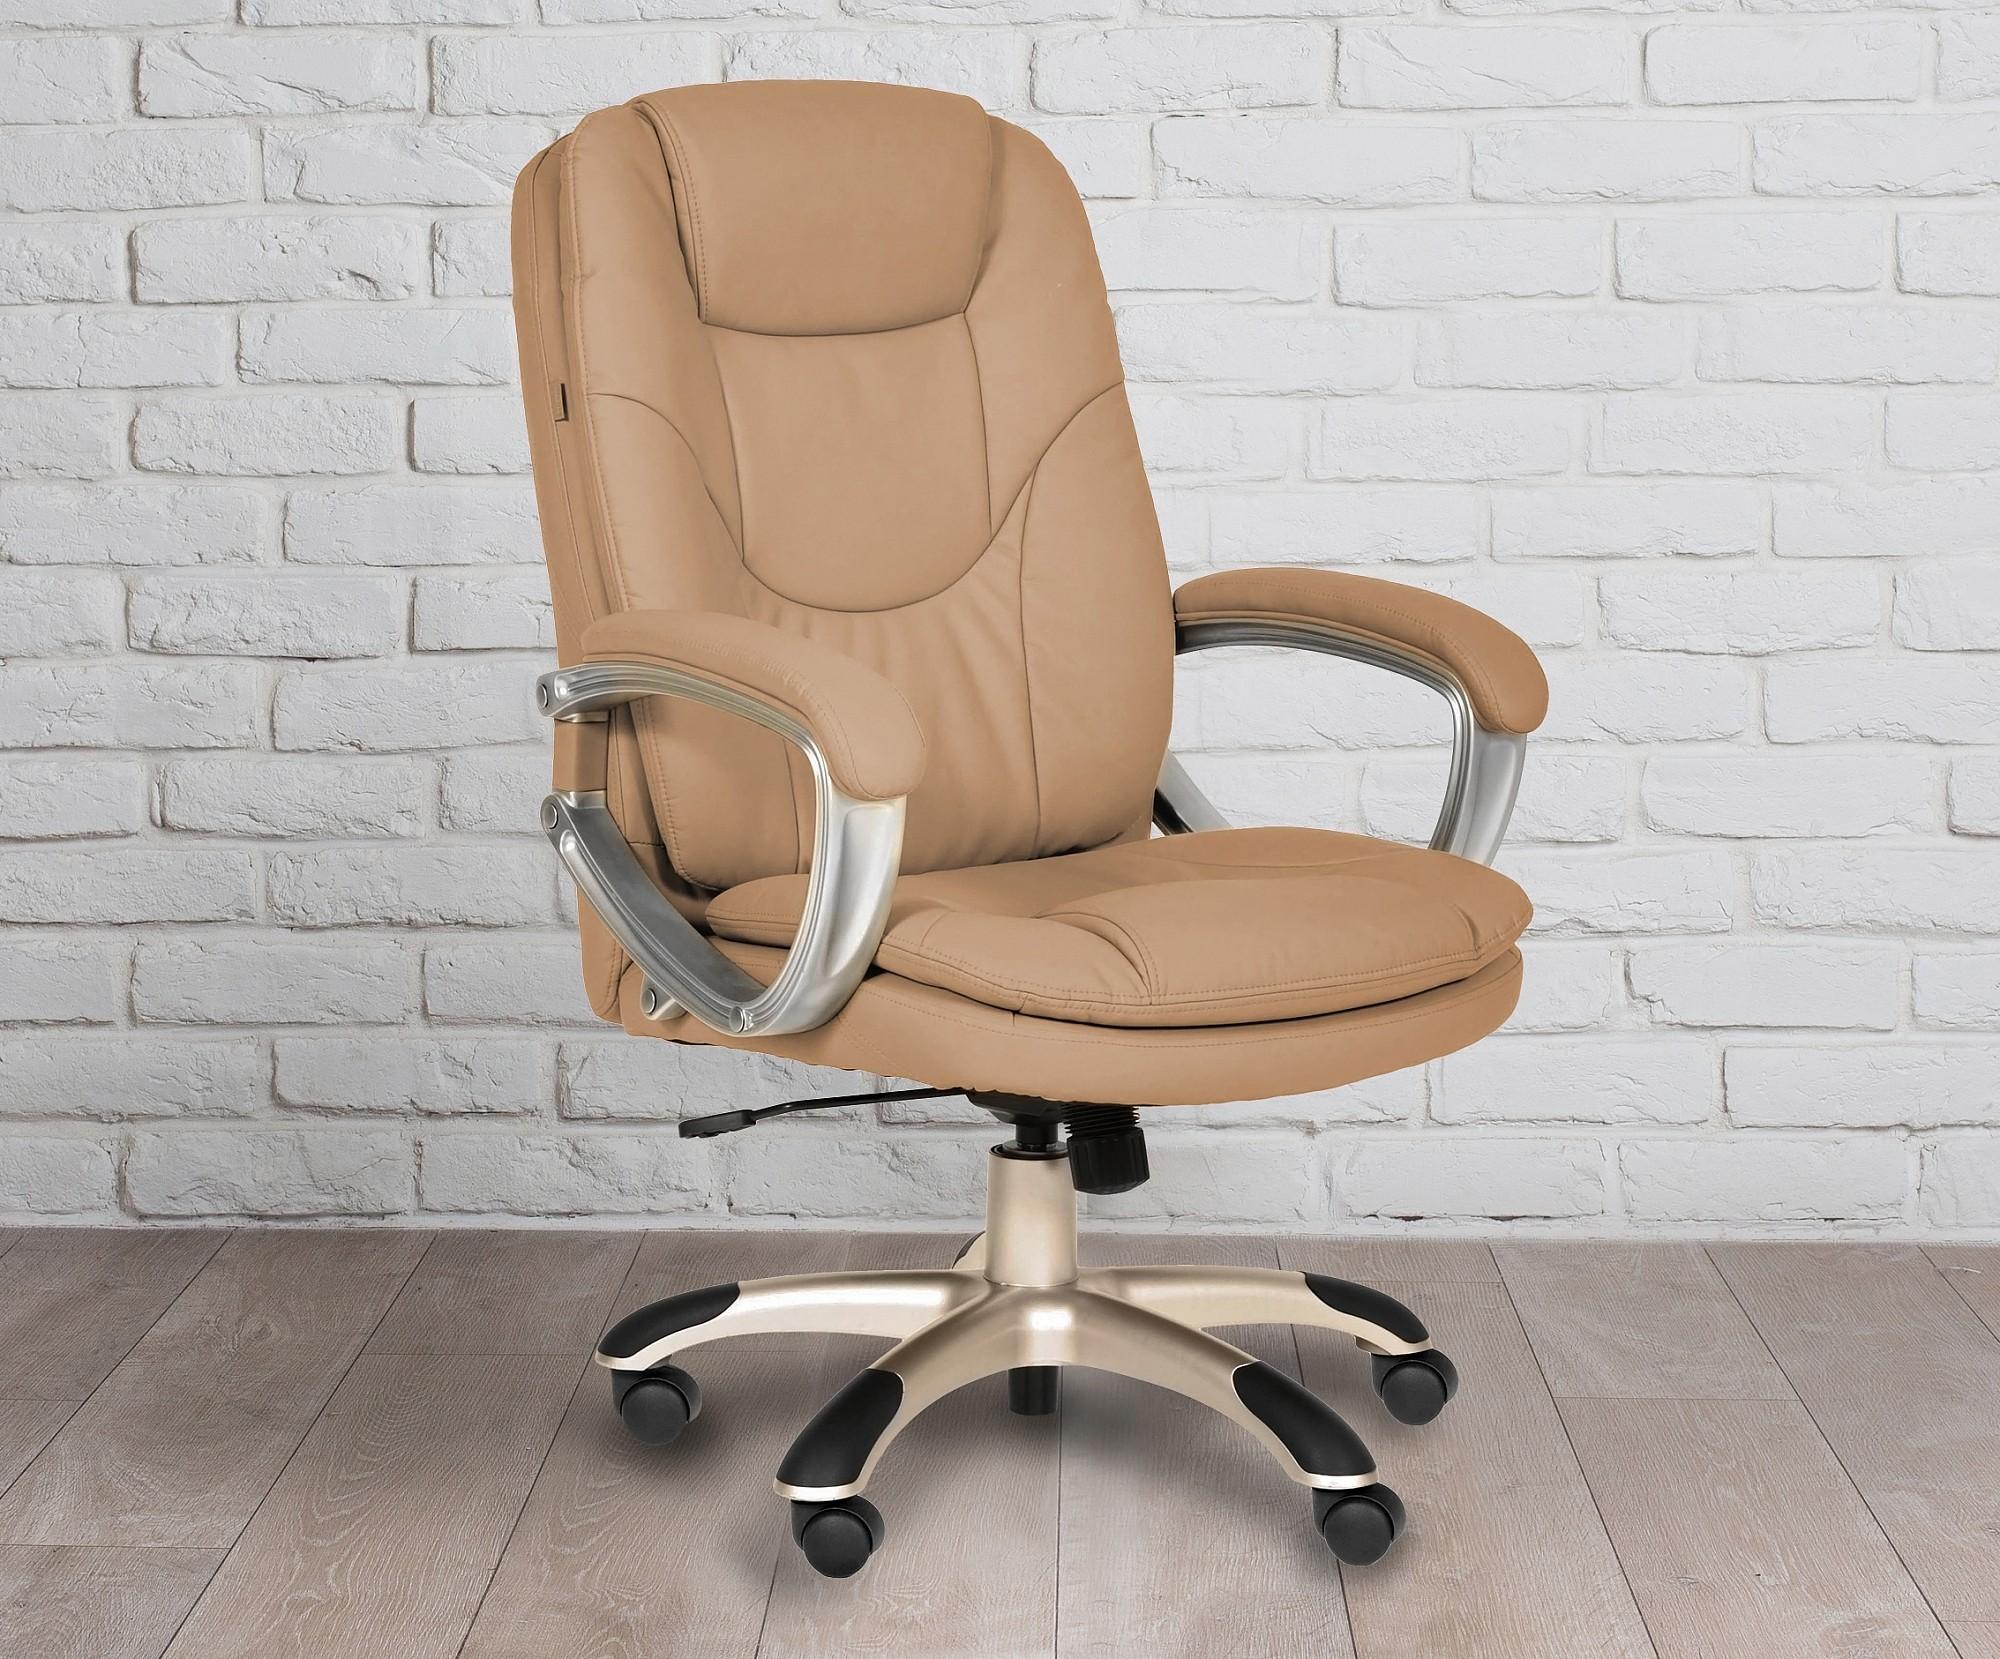 Компьютерное кресло  магазине распродажа москва